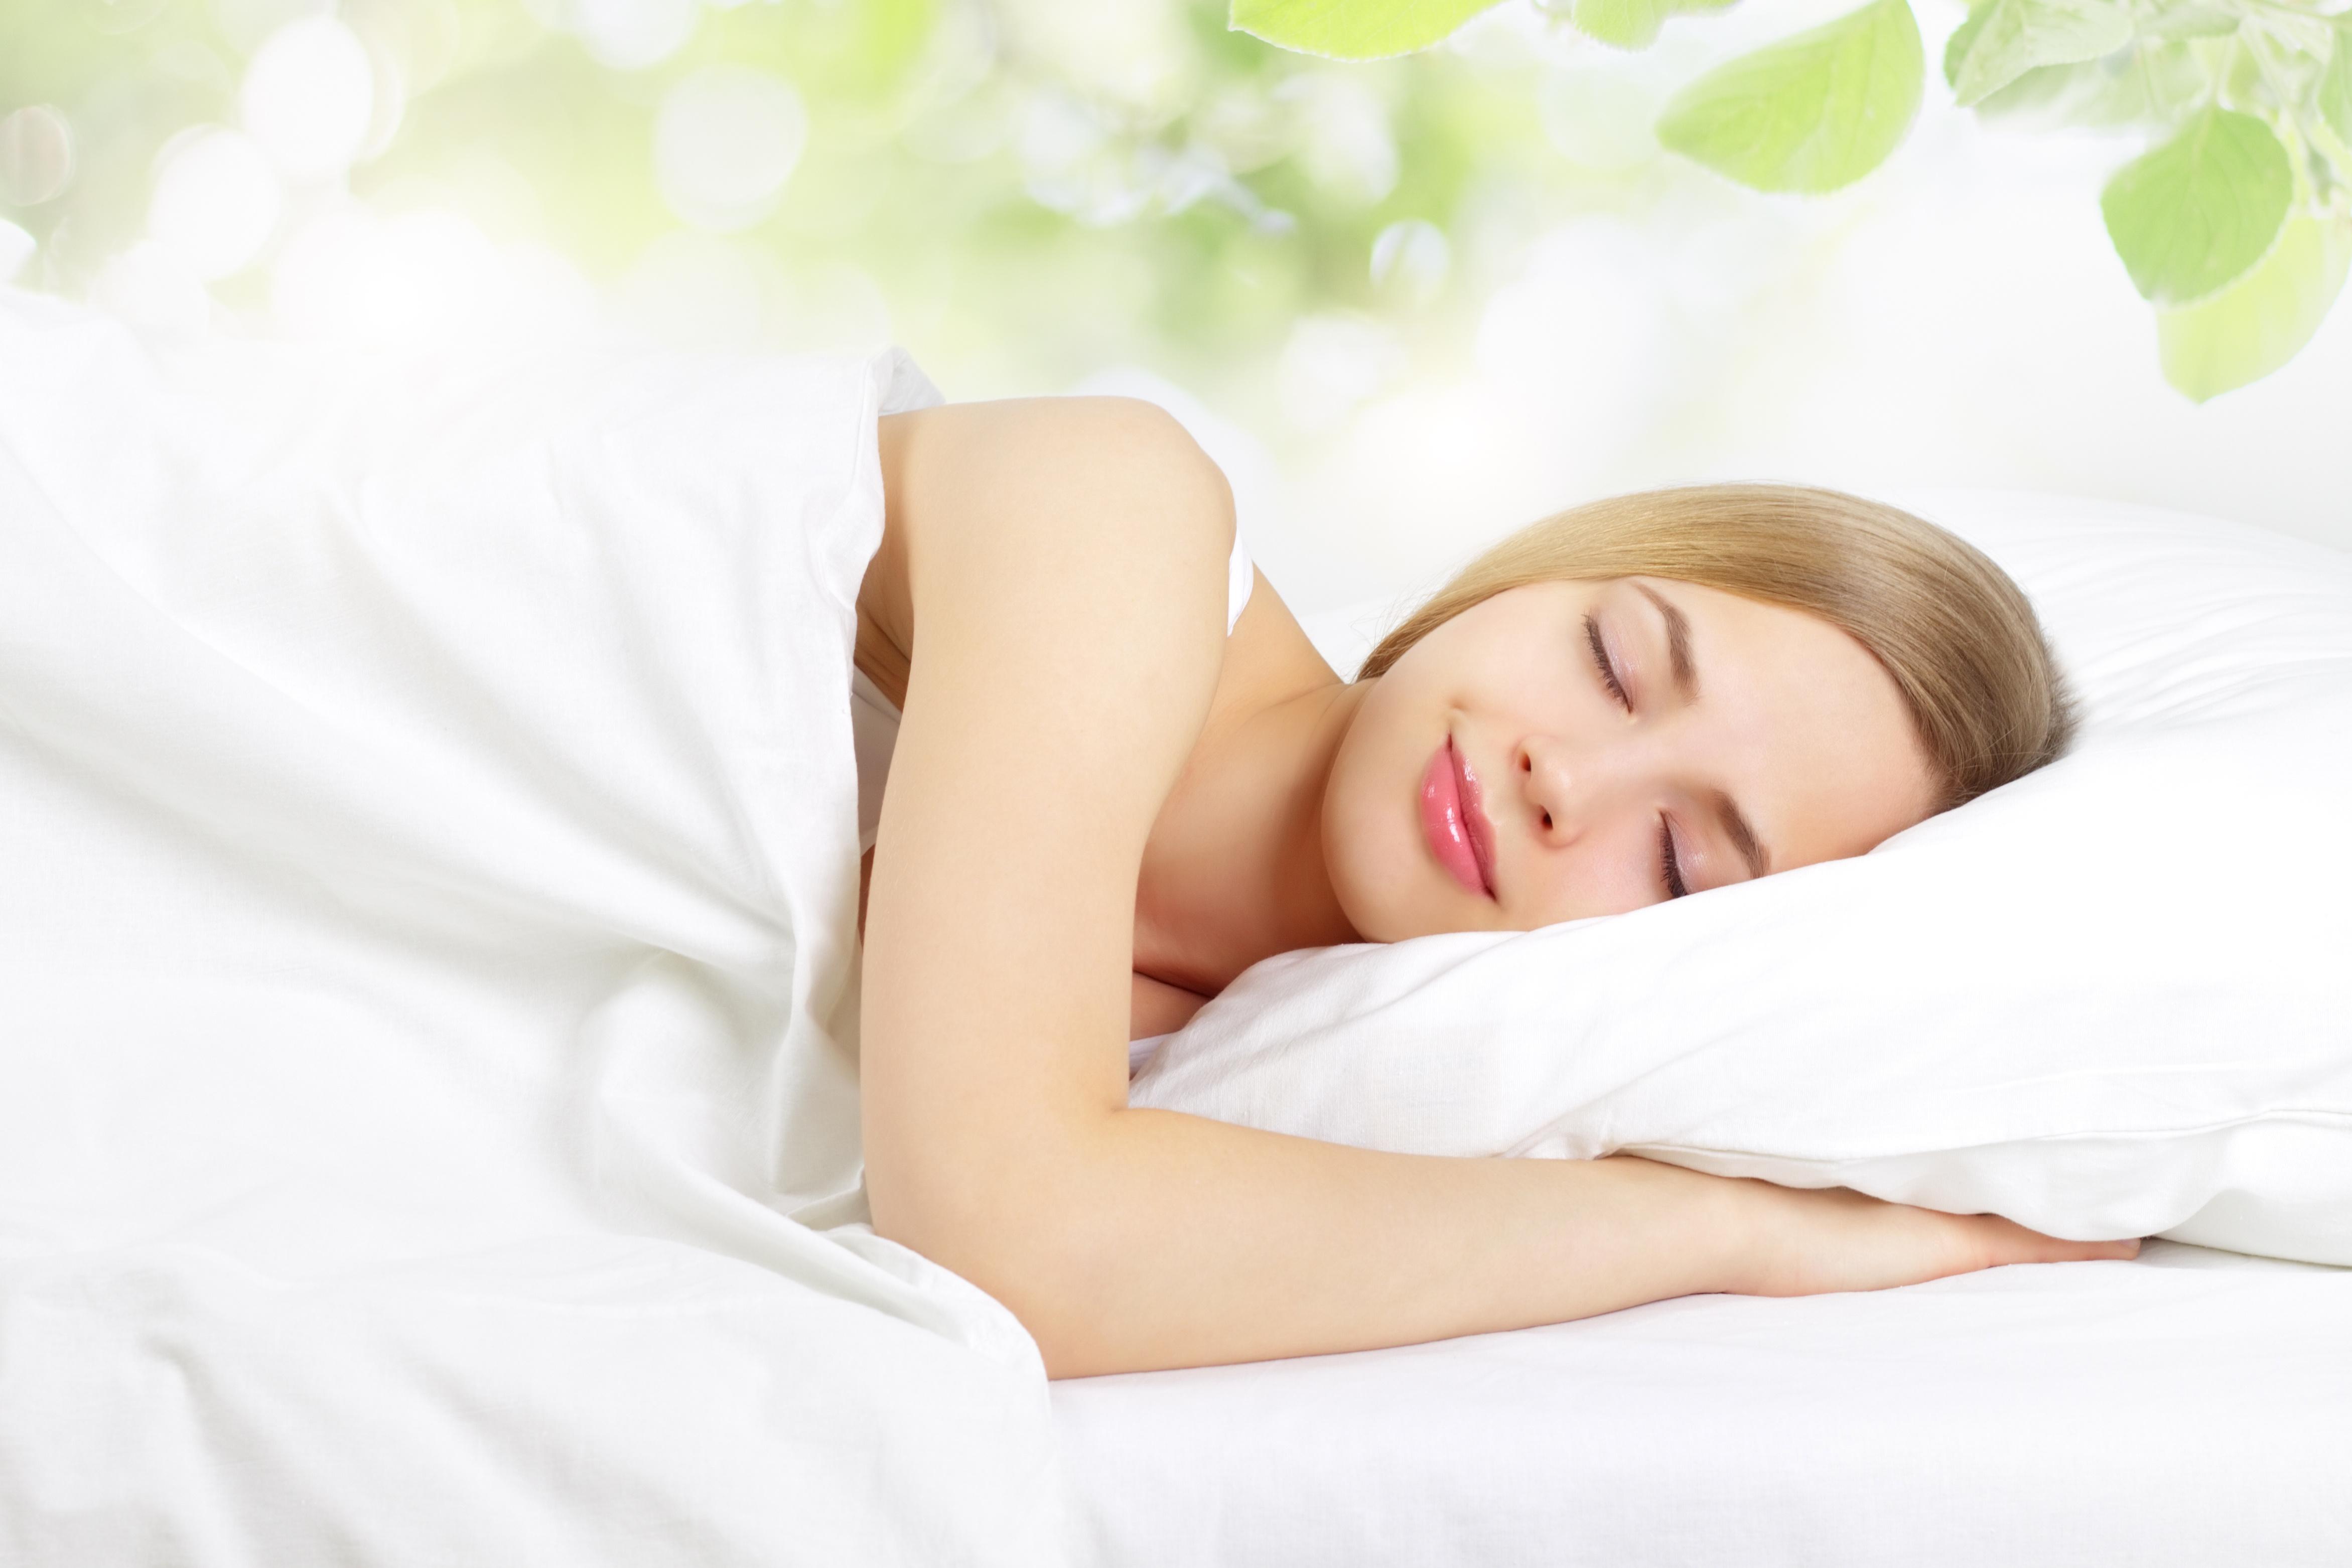 Ngủ đủ giấc giúp hạn chế các cơn động kinh và tăng khả năng ghi nhớ